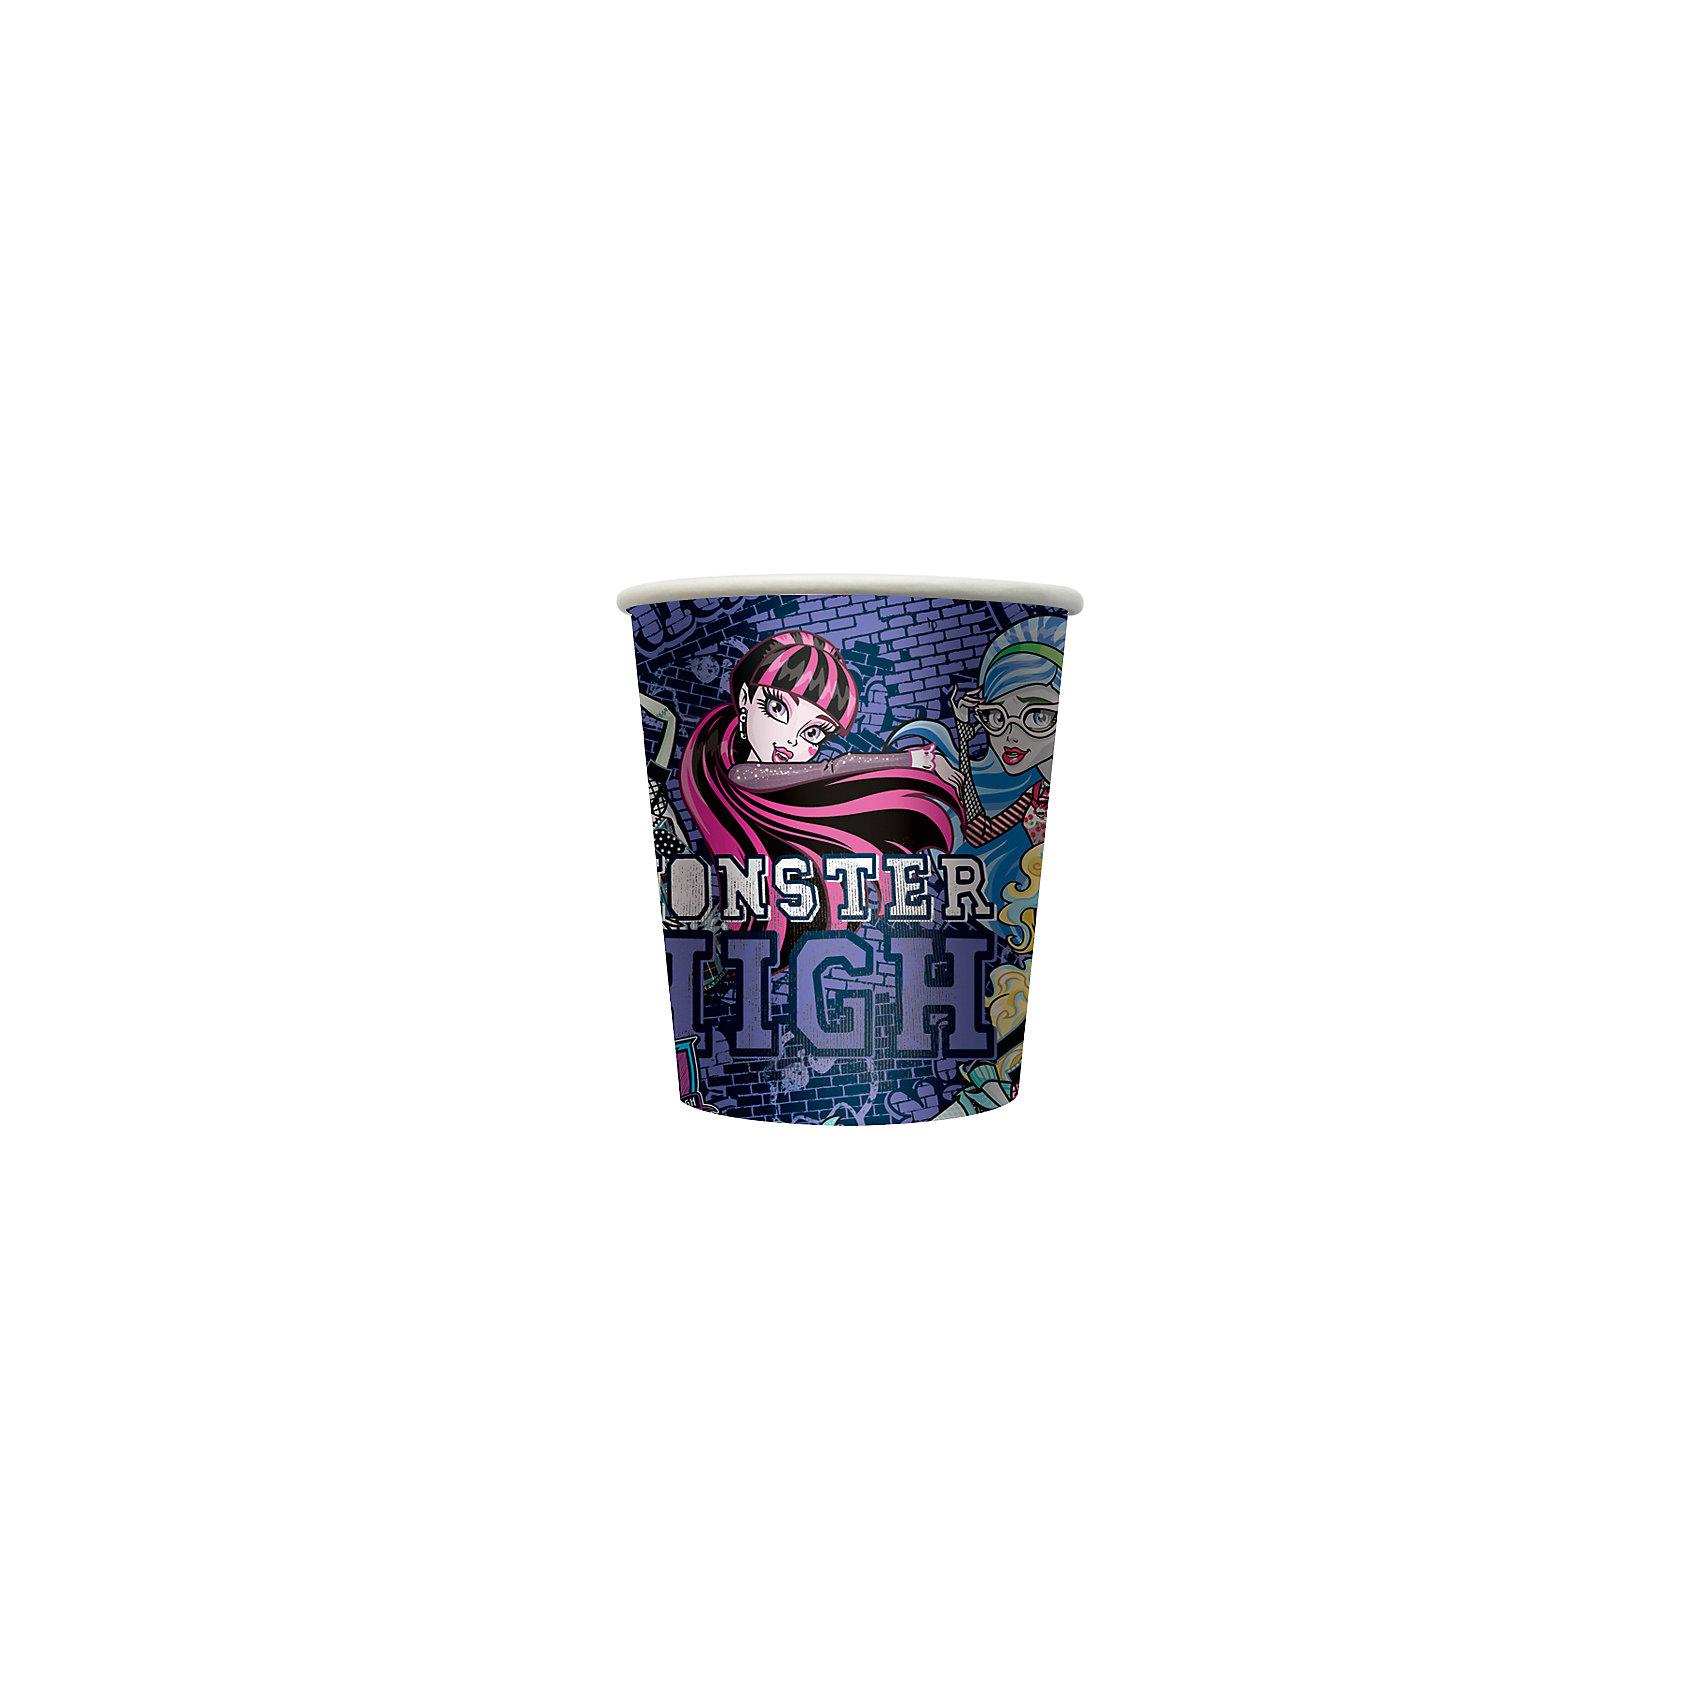 Стакан бумажный Граффити. Monster High (10 шт)Бумажные стаканы Граффити. Monster High замечательно подойдут для детского праздника и сделают его ярче и веселее. Комплект включает в себя 10 красочных стаканов, которые выполнены по мотивам популярного мультсериала Школа монстров (Monster High) и украшены изображениями его героинь. Благодаря специальному покрытию стаканы отлично удерживают напитки, не промокают, не протекают и надолго сохраняют опрятный внешний вид. <br><br>Дополнительная информация:<br><br>- В комплекте: 10 стаканов.<br>- Материал: картон.<br>- Объем стакана: 210 мл.<br>- Размер упаковки: 7,2 х 7,2 х 12 см.<br>- Вес: 56 гр.<br><br>Стакан бумажный Граффити. Monster High (Монстр Хай), 10 шт., можно купить в нашем интернет-магазине.<br><br>Ширина мм: 72<br>Глубина мм: 72<br>Высота мм: 120<br>Вес г: 560<br>Возраст от месяцев: 36<br>Возраст до месяцев: 108<br>Пол: Женский<br>Возраст: Детский<br>SKU: 4046805